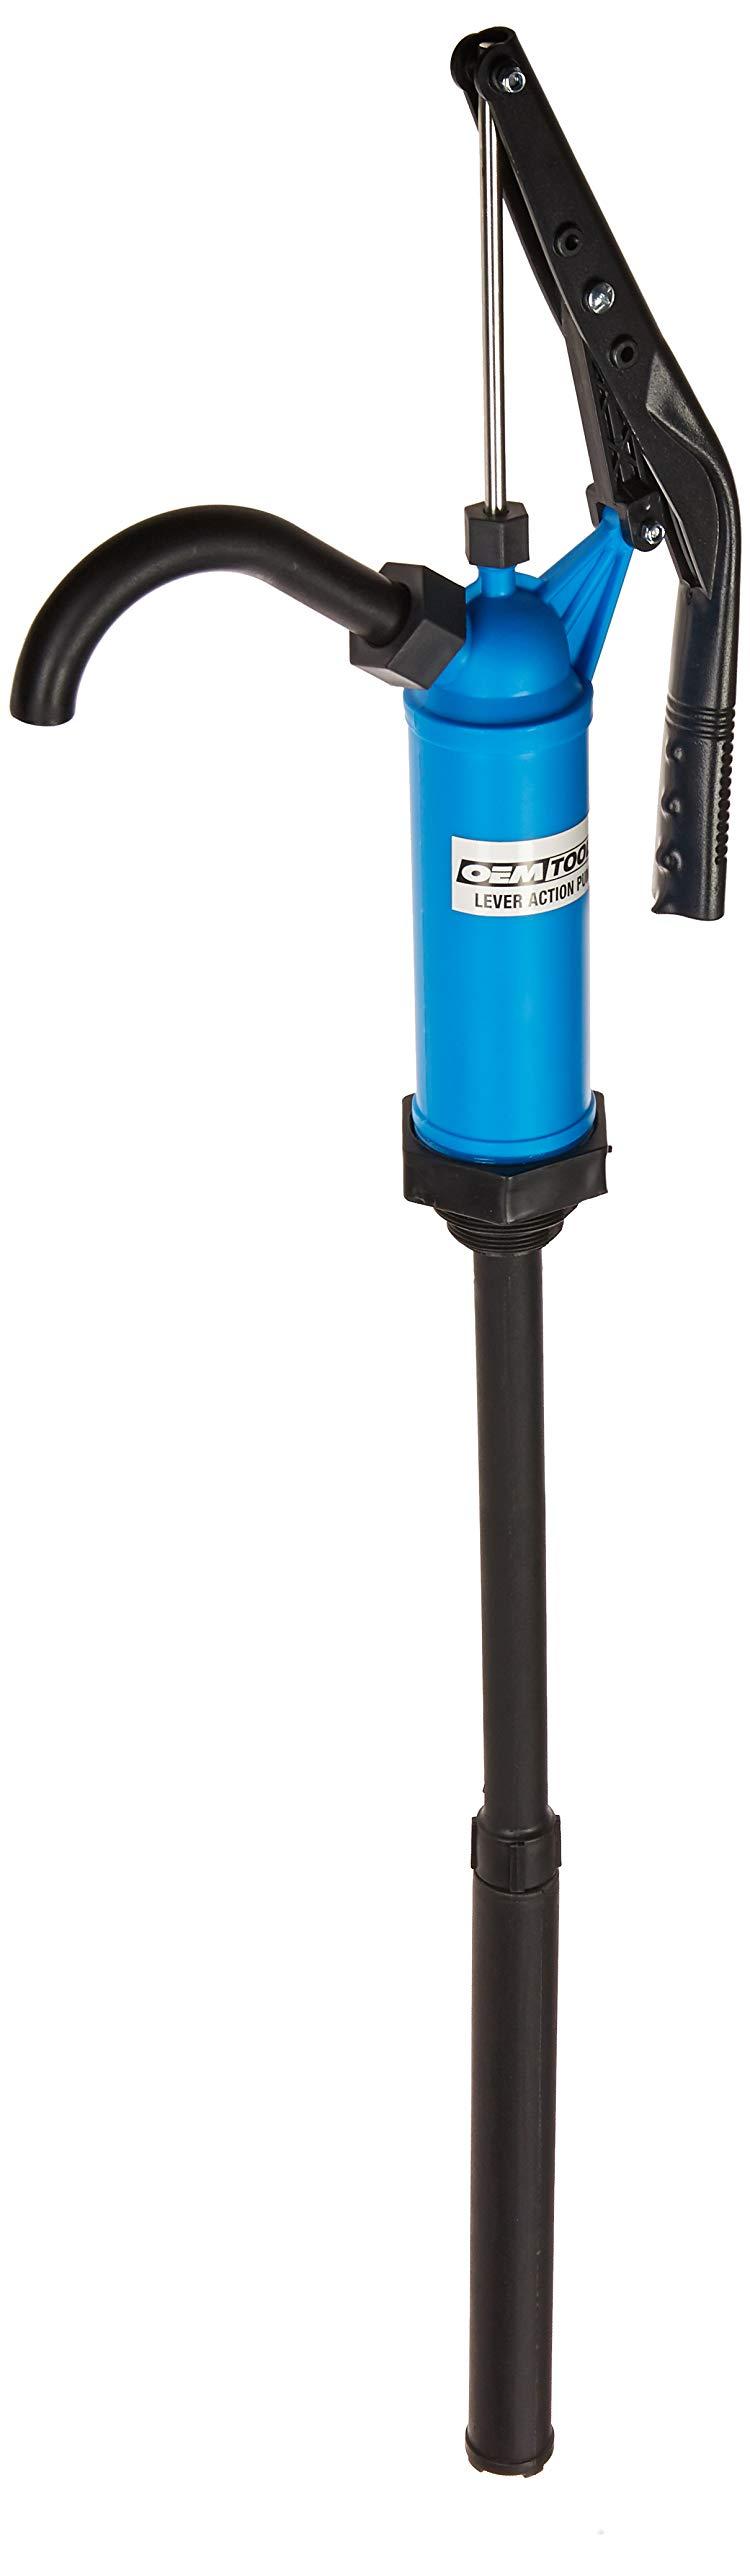 OEMTOOLS 24471 Fluid Pump/Siphon